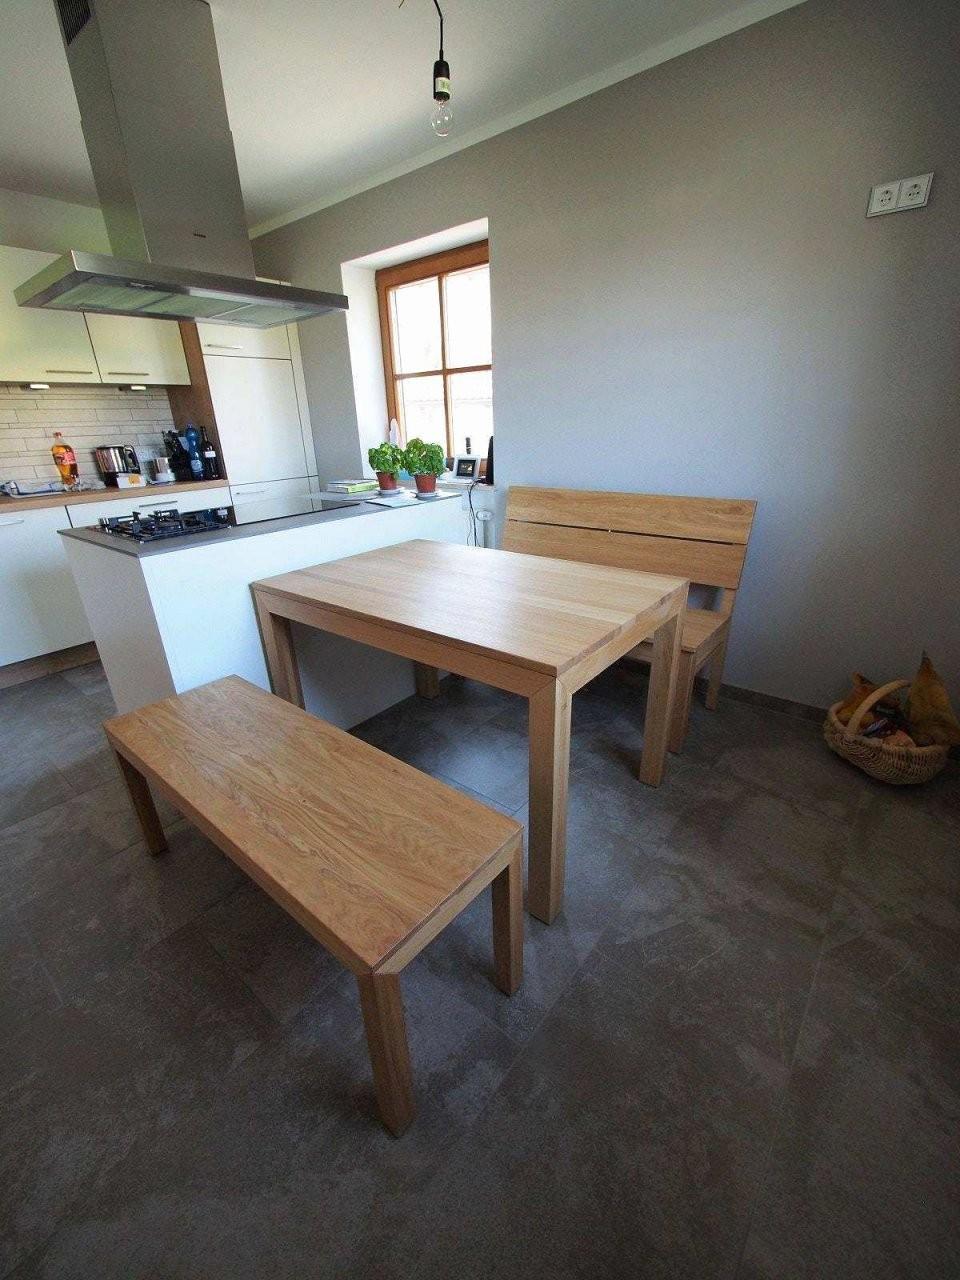 Kochinsel Mit Integriertem Esstisch Neu Küche Mit Integriertem Tisch von Kochinsel Mit Integriertem Tisch Photo